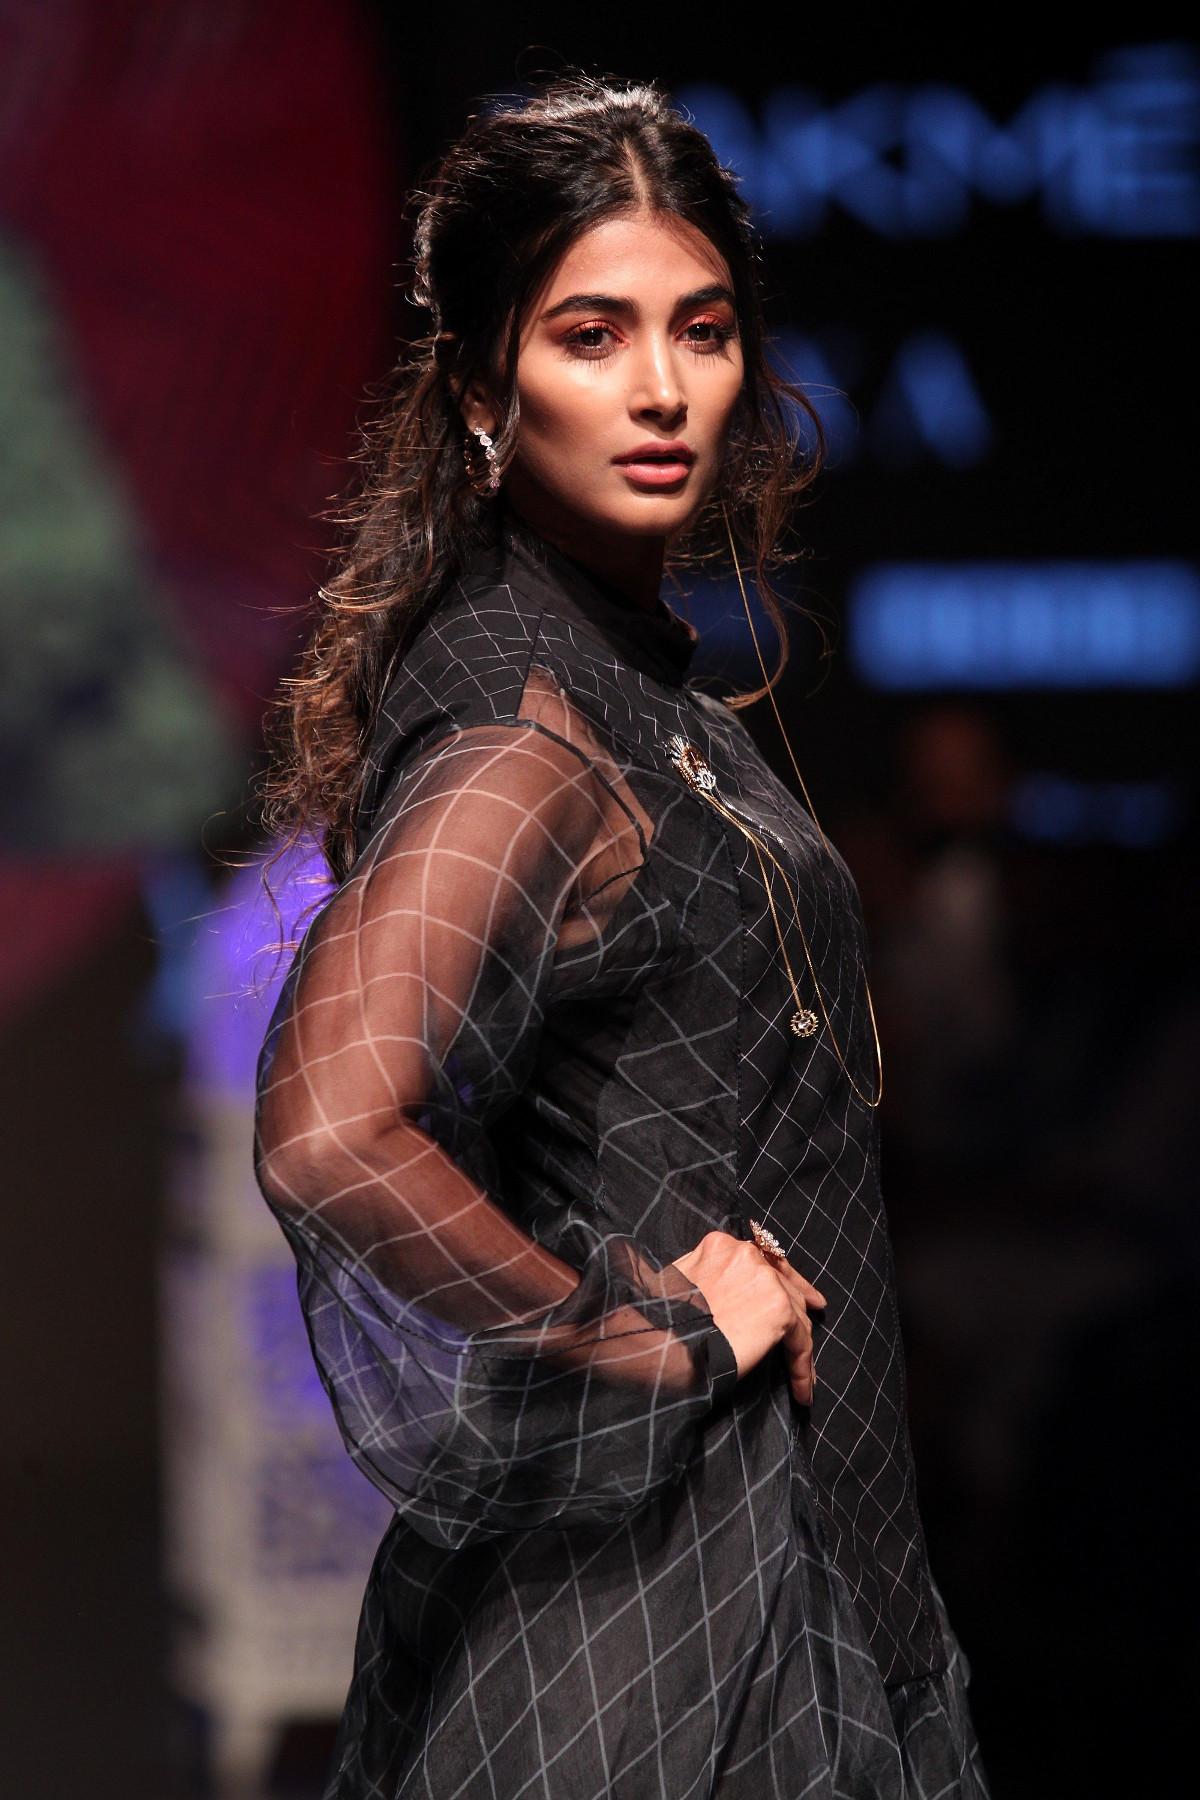 Hindi Actress Pooja Hegde Walks Ramp @ Lakme Fashion Week 2019 Day 4